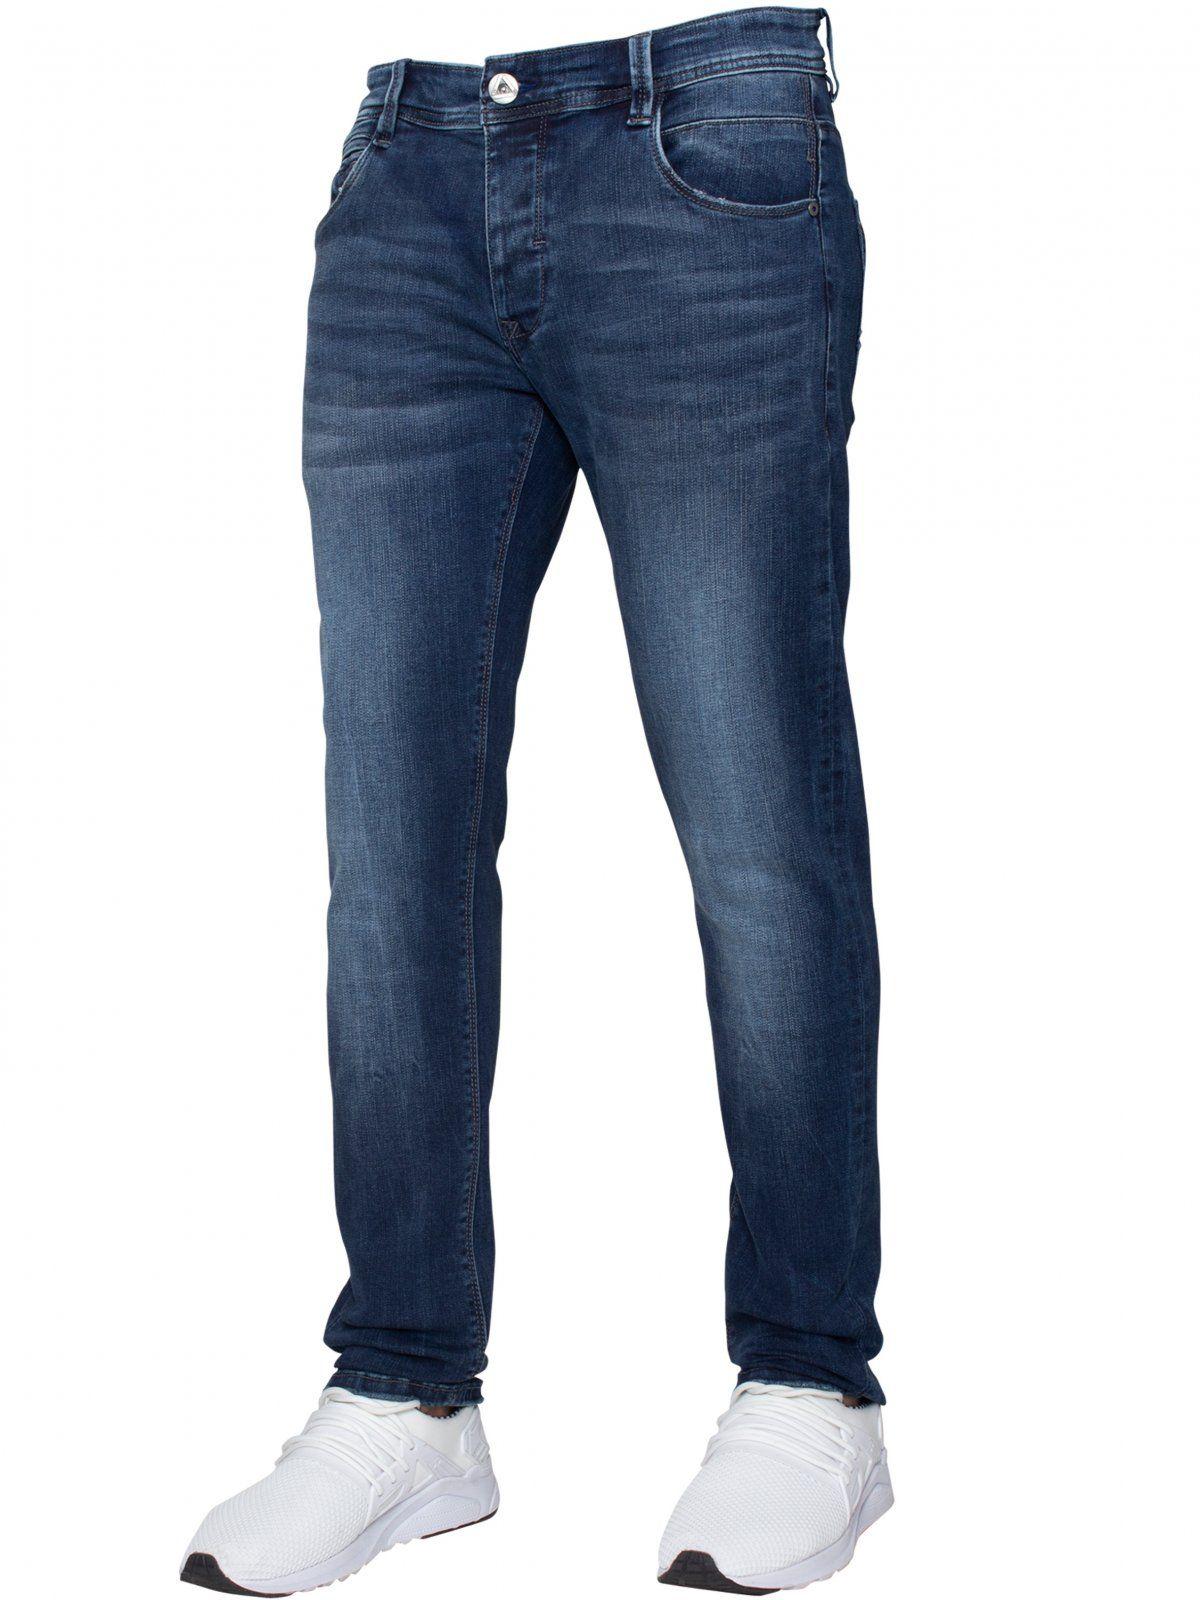 ETO | Mens Designer Basic Hyperstretch Blue Jeans